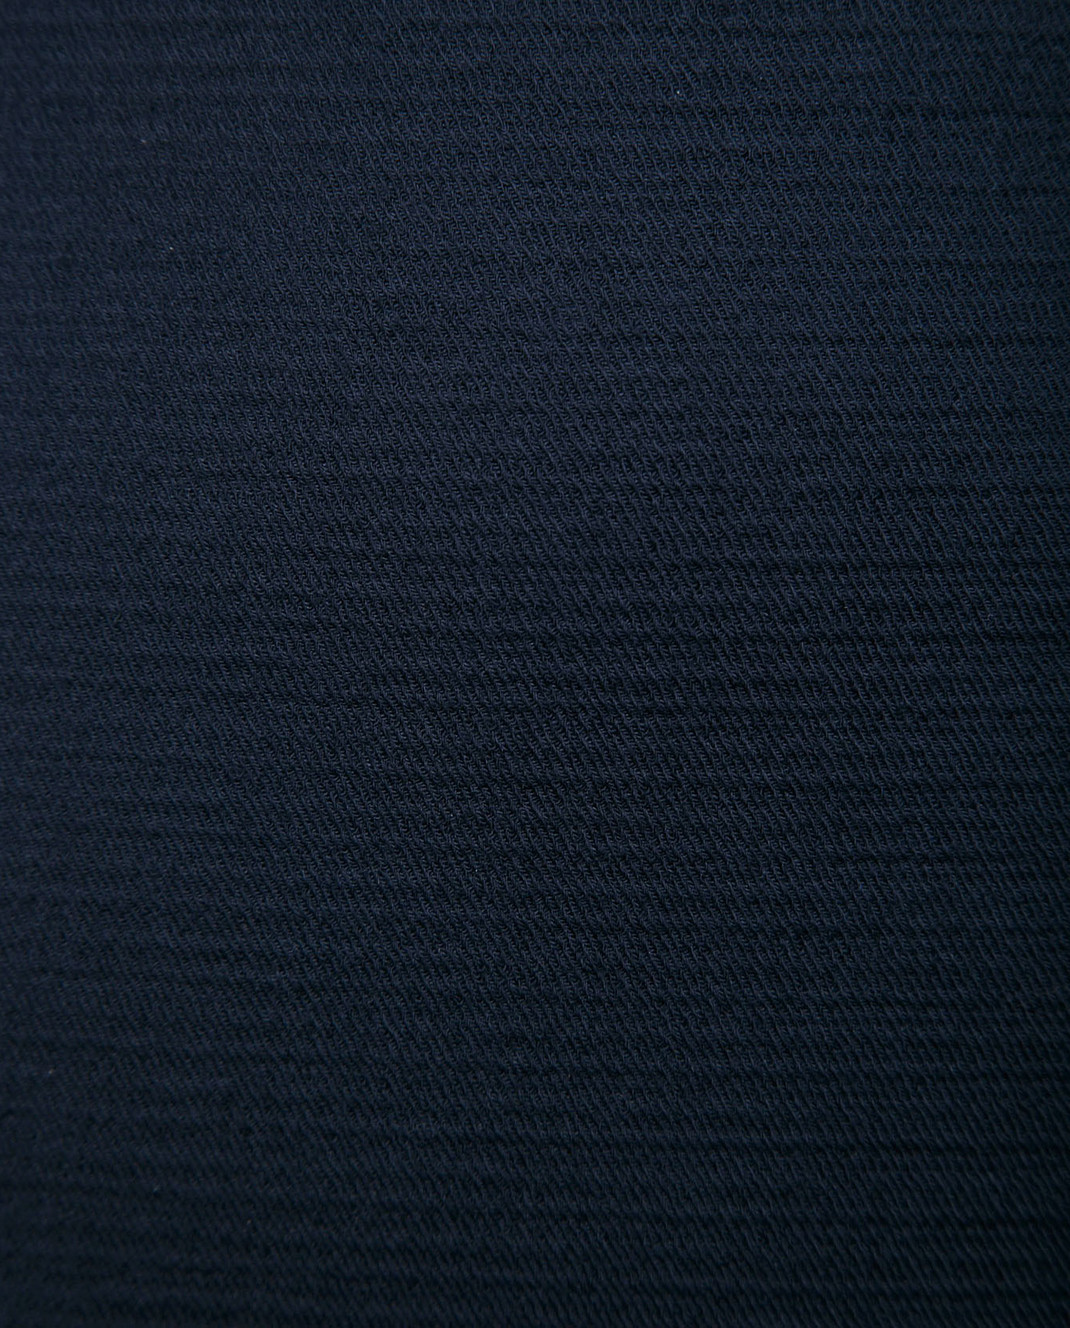 NINA RICCI Темно-синяя юбка 18PCJU002C00864 изображение 5